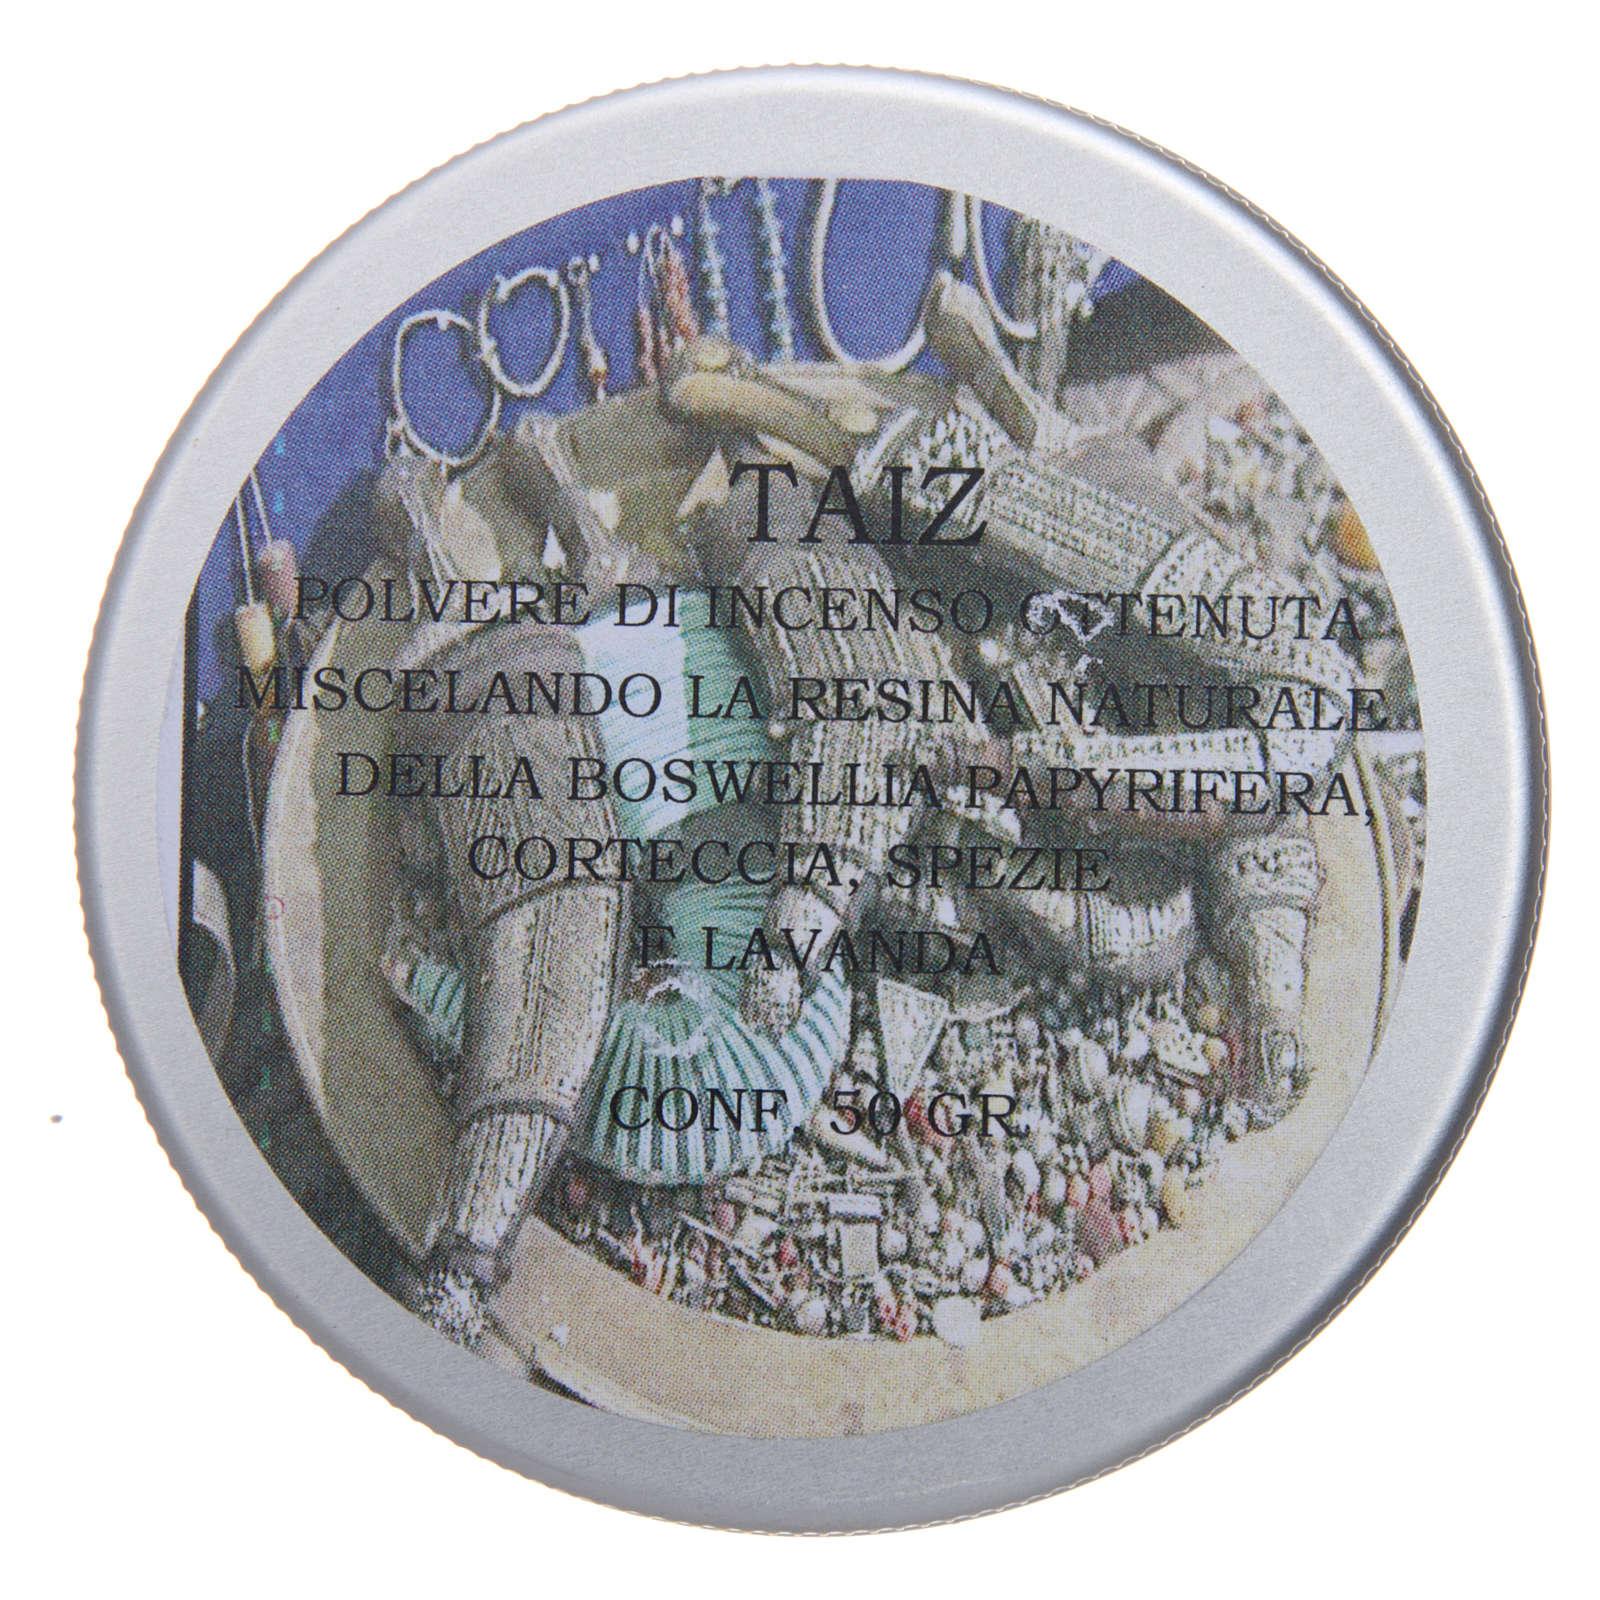 Encens en poudre Taiz 50 gr 3